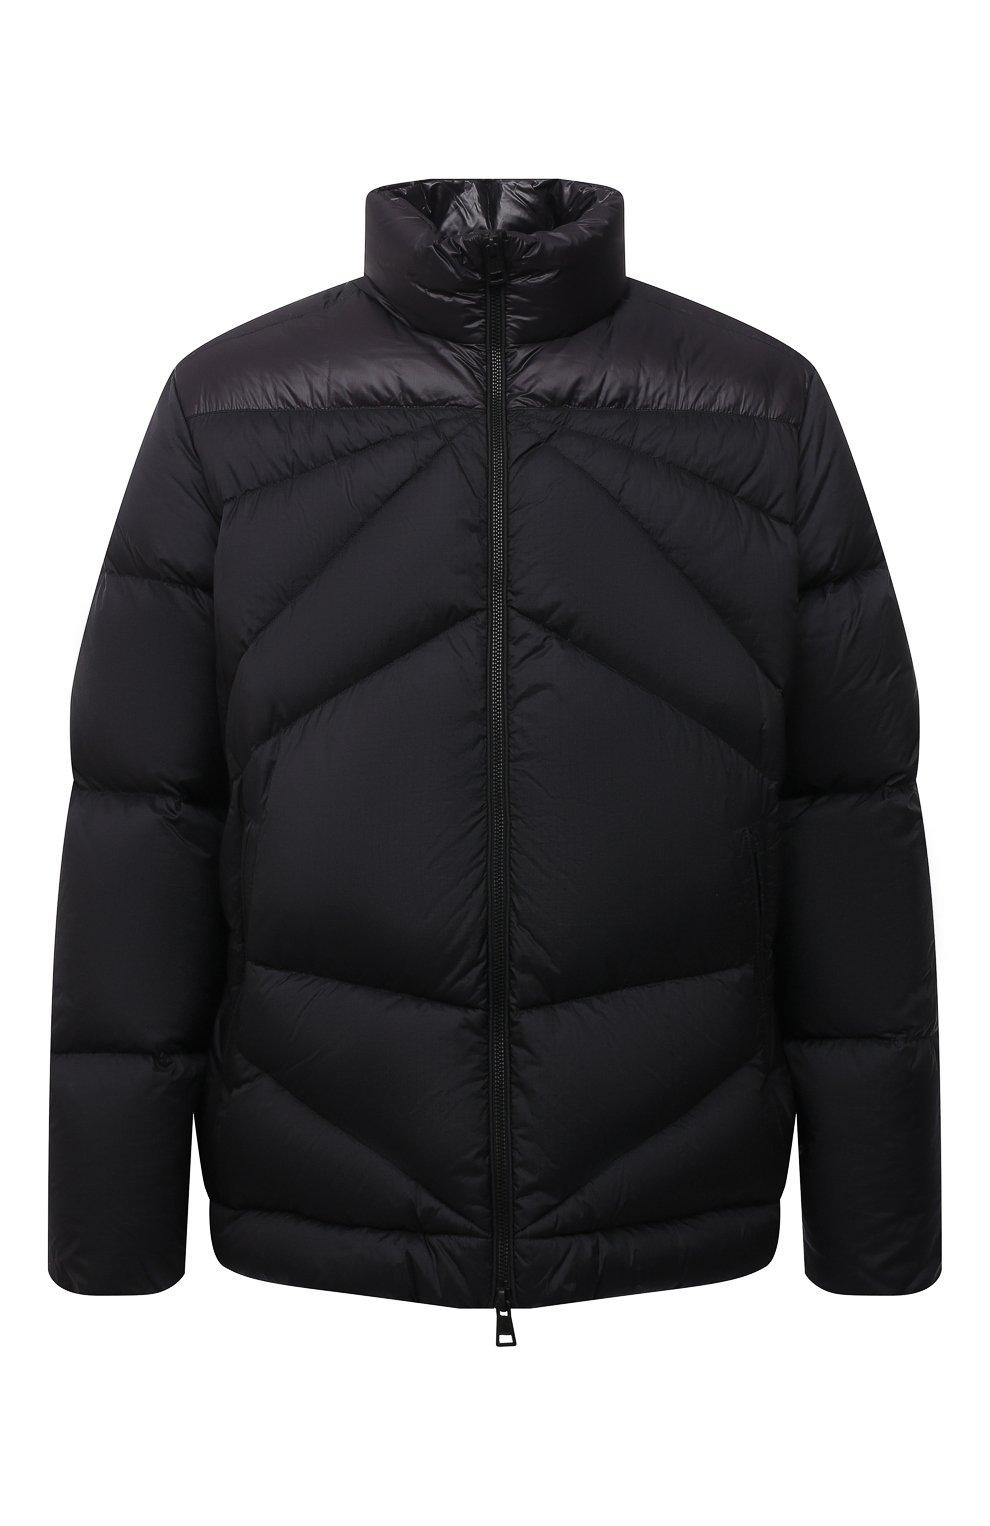 Мужская пуховая куртка tama 2 moncler 1952 MONCLER GENIUS черного цвета, арт. G2-092-1A000-30-595EV   Фото 1 (Кросс-КТ: Куртка; Мужское Кросс-КТ: пуховик-короткий; Рукава: Длинные; Материал внешний: Синтетический материал; Материал подклада: Синтетический материал; Длина (верхняя одежда): Короткие; Материал утеплителя: Пух и перо)